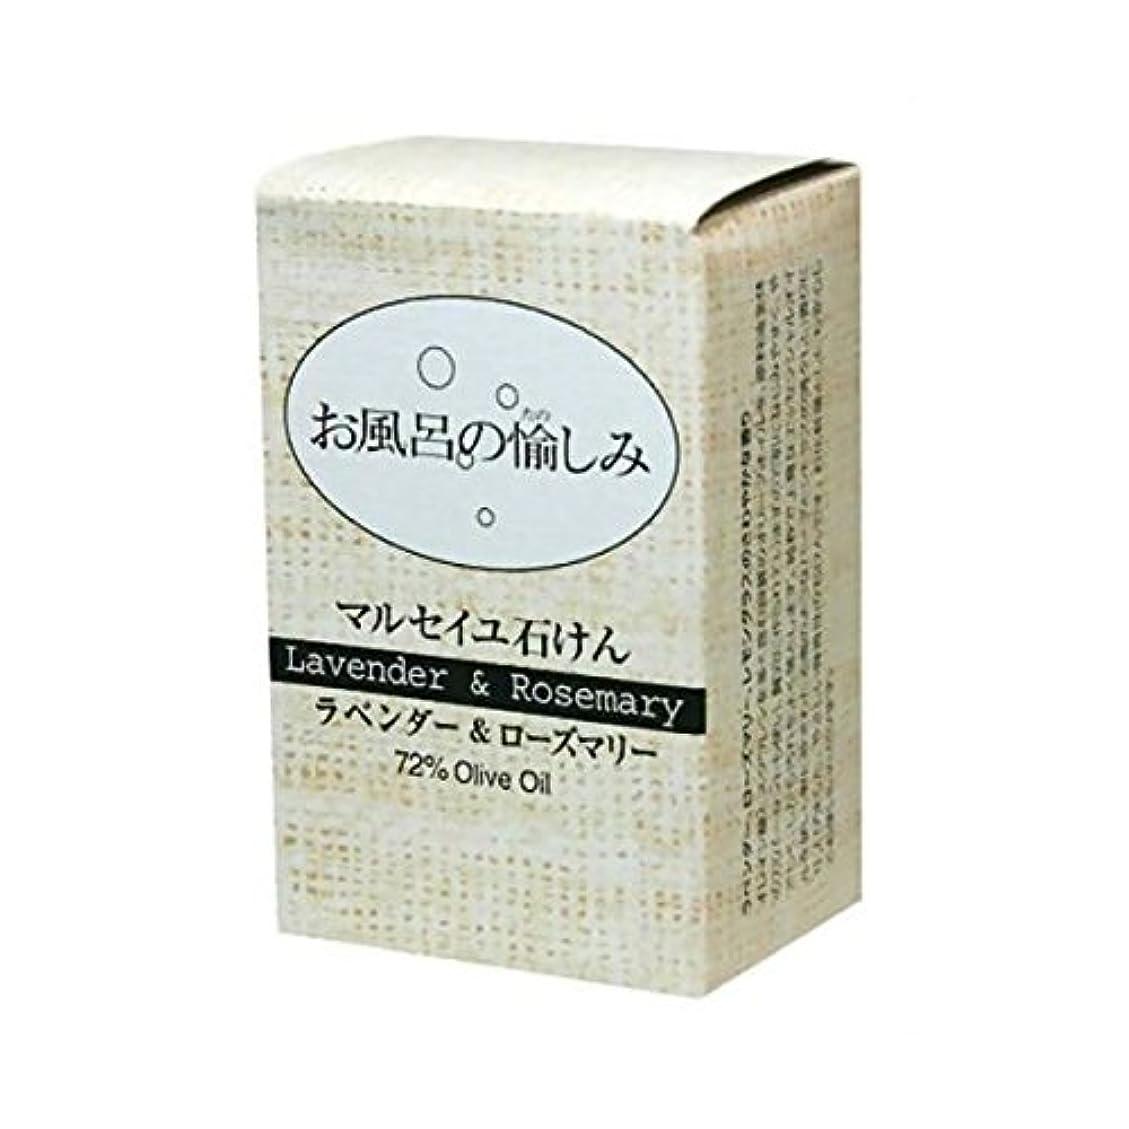 誘惑水素ペイン【お徳用 3 セット】 お風呂の愉しみ マルセイユ石鹸 (ラベンダー&ローズマリー)×3セット